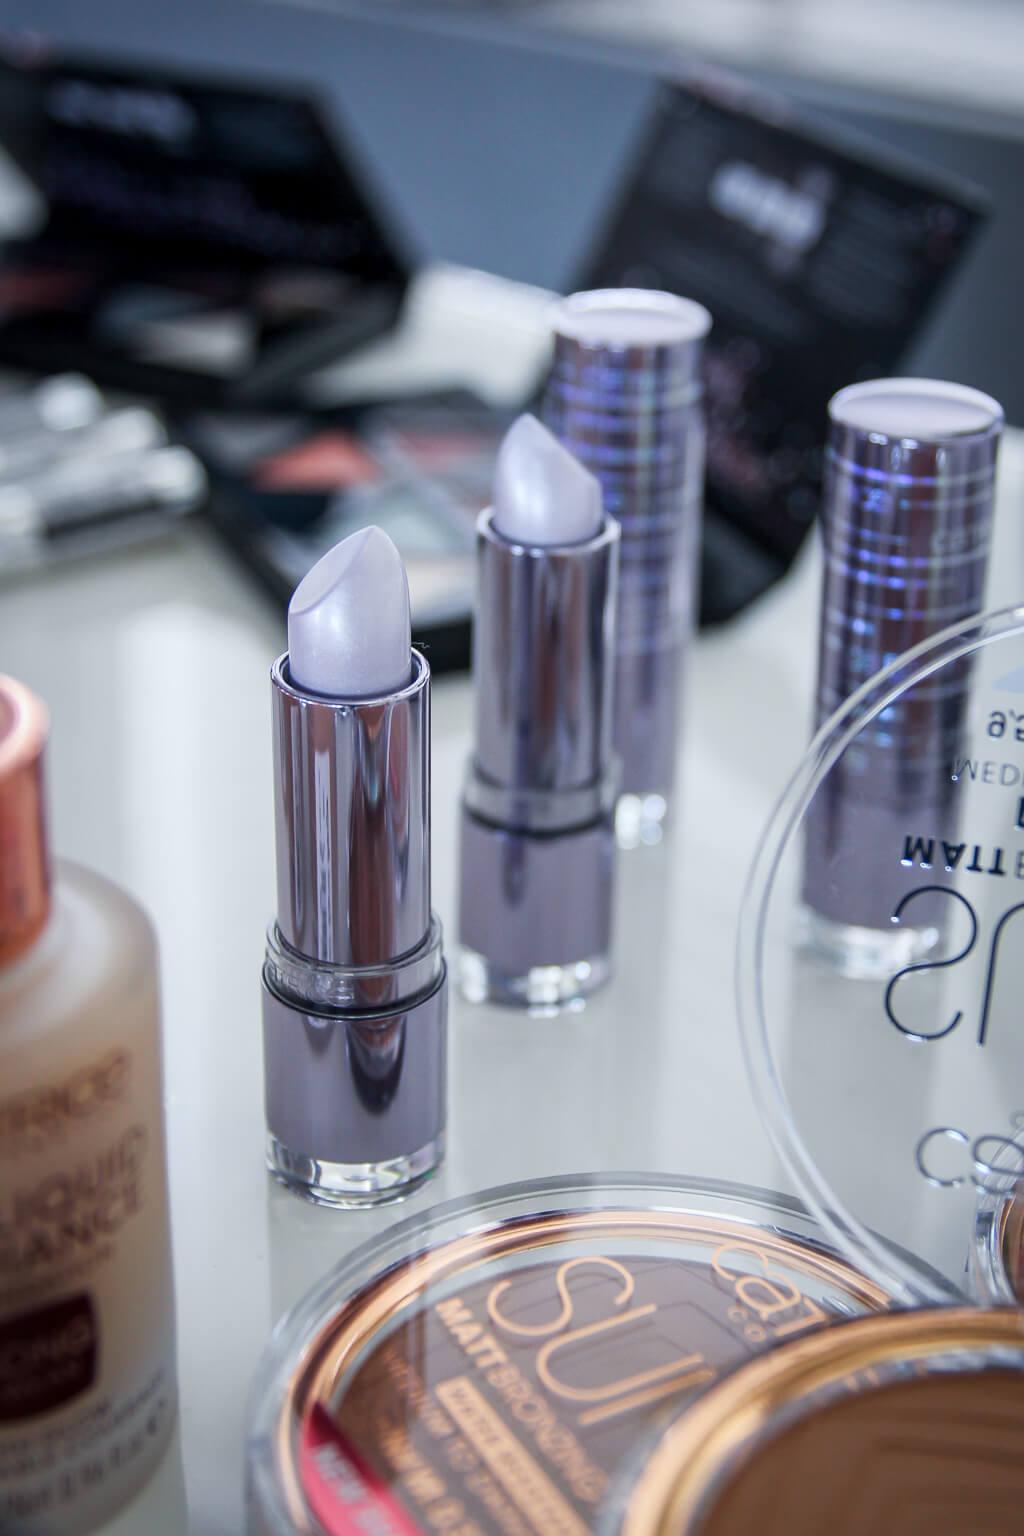 Neuheiten von CATRICE Blogger Event 2018 Winter Frankfurt Beauty Lippenstift ph Wert tantedine